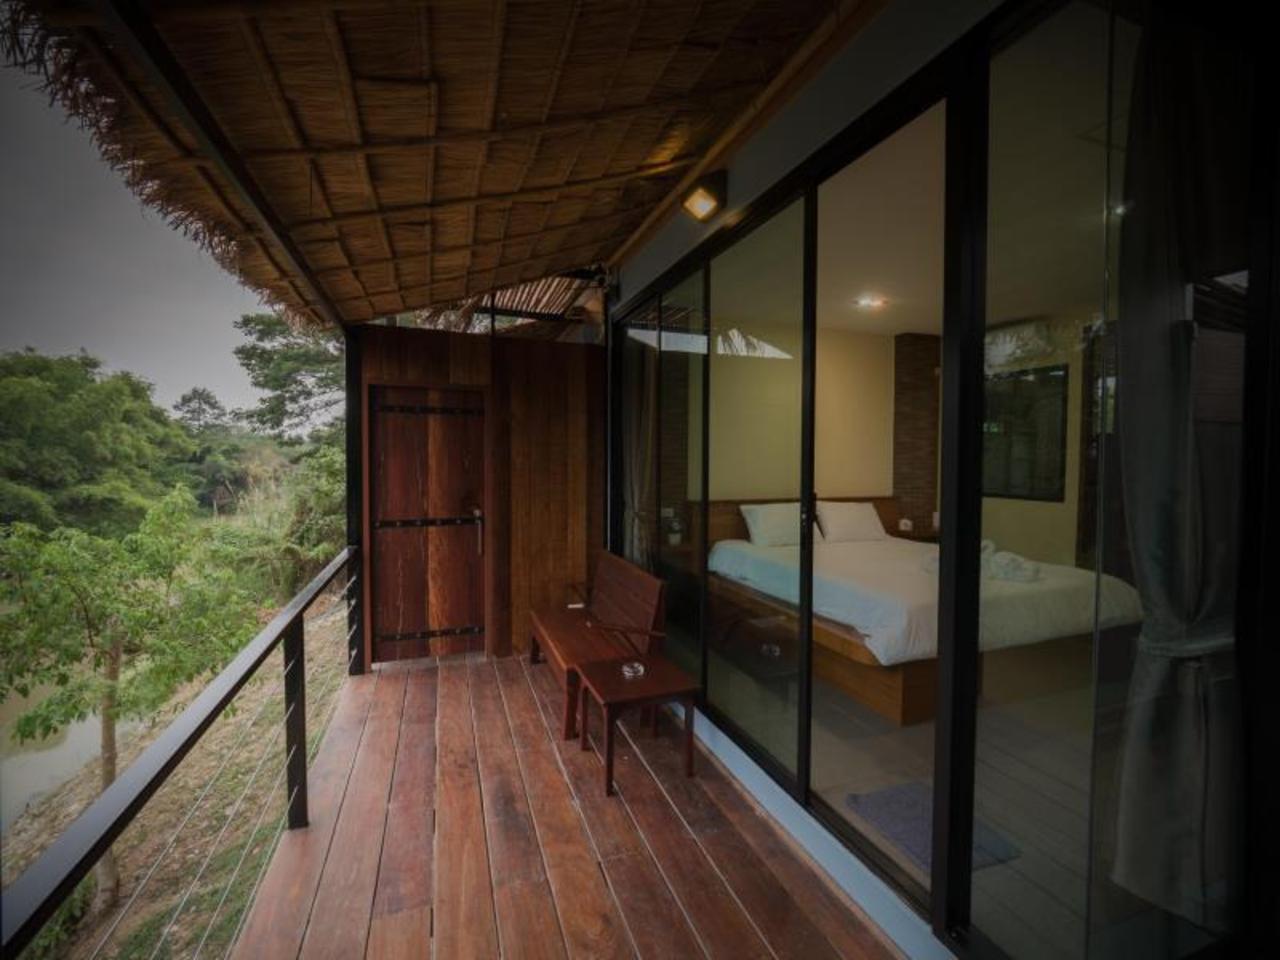 ไหมทอง ริเวอร์ไซด์ (Maithong Riverside)